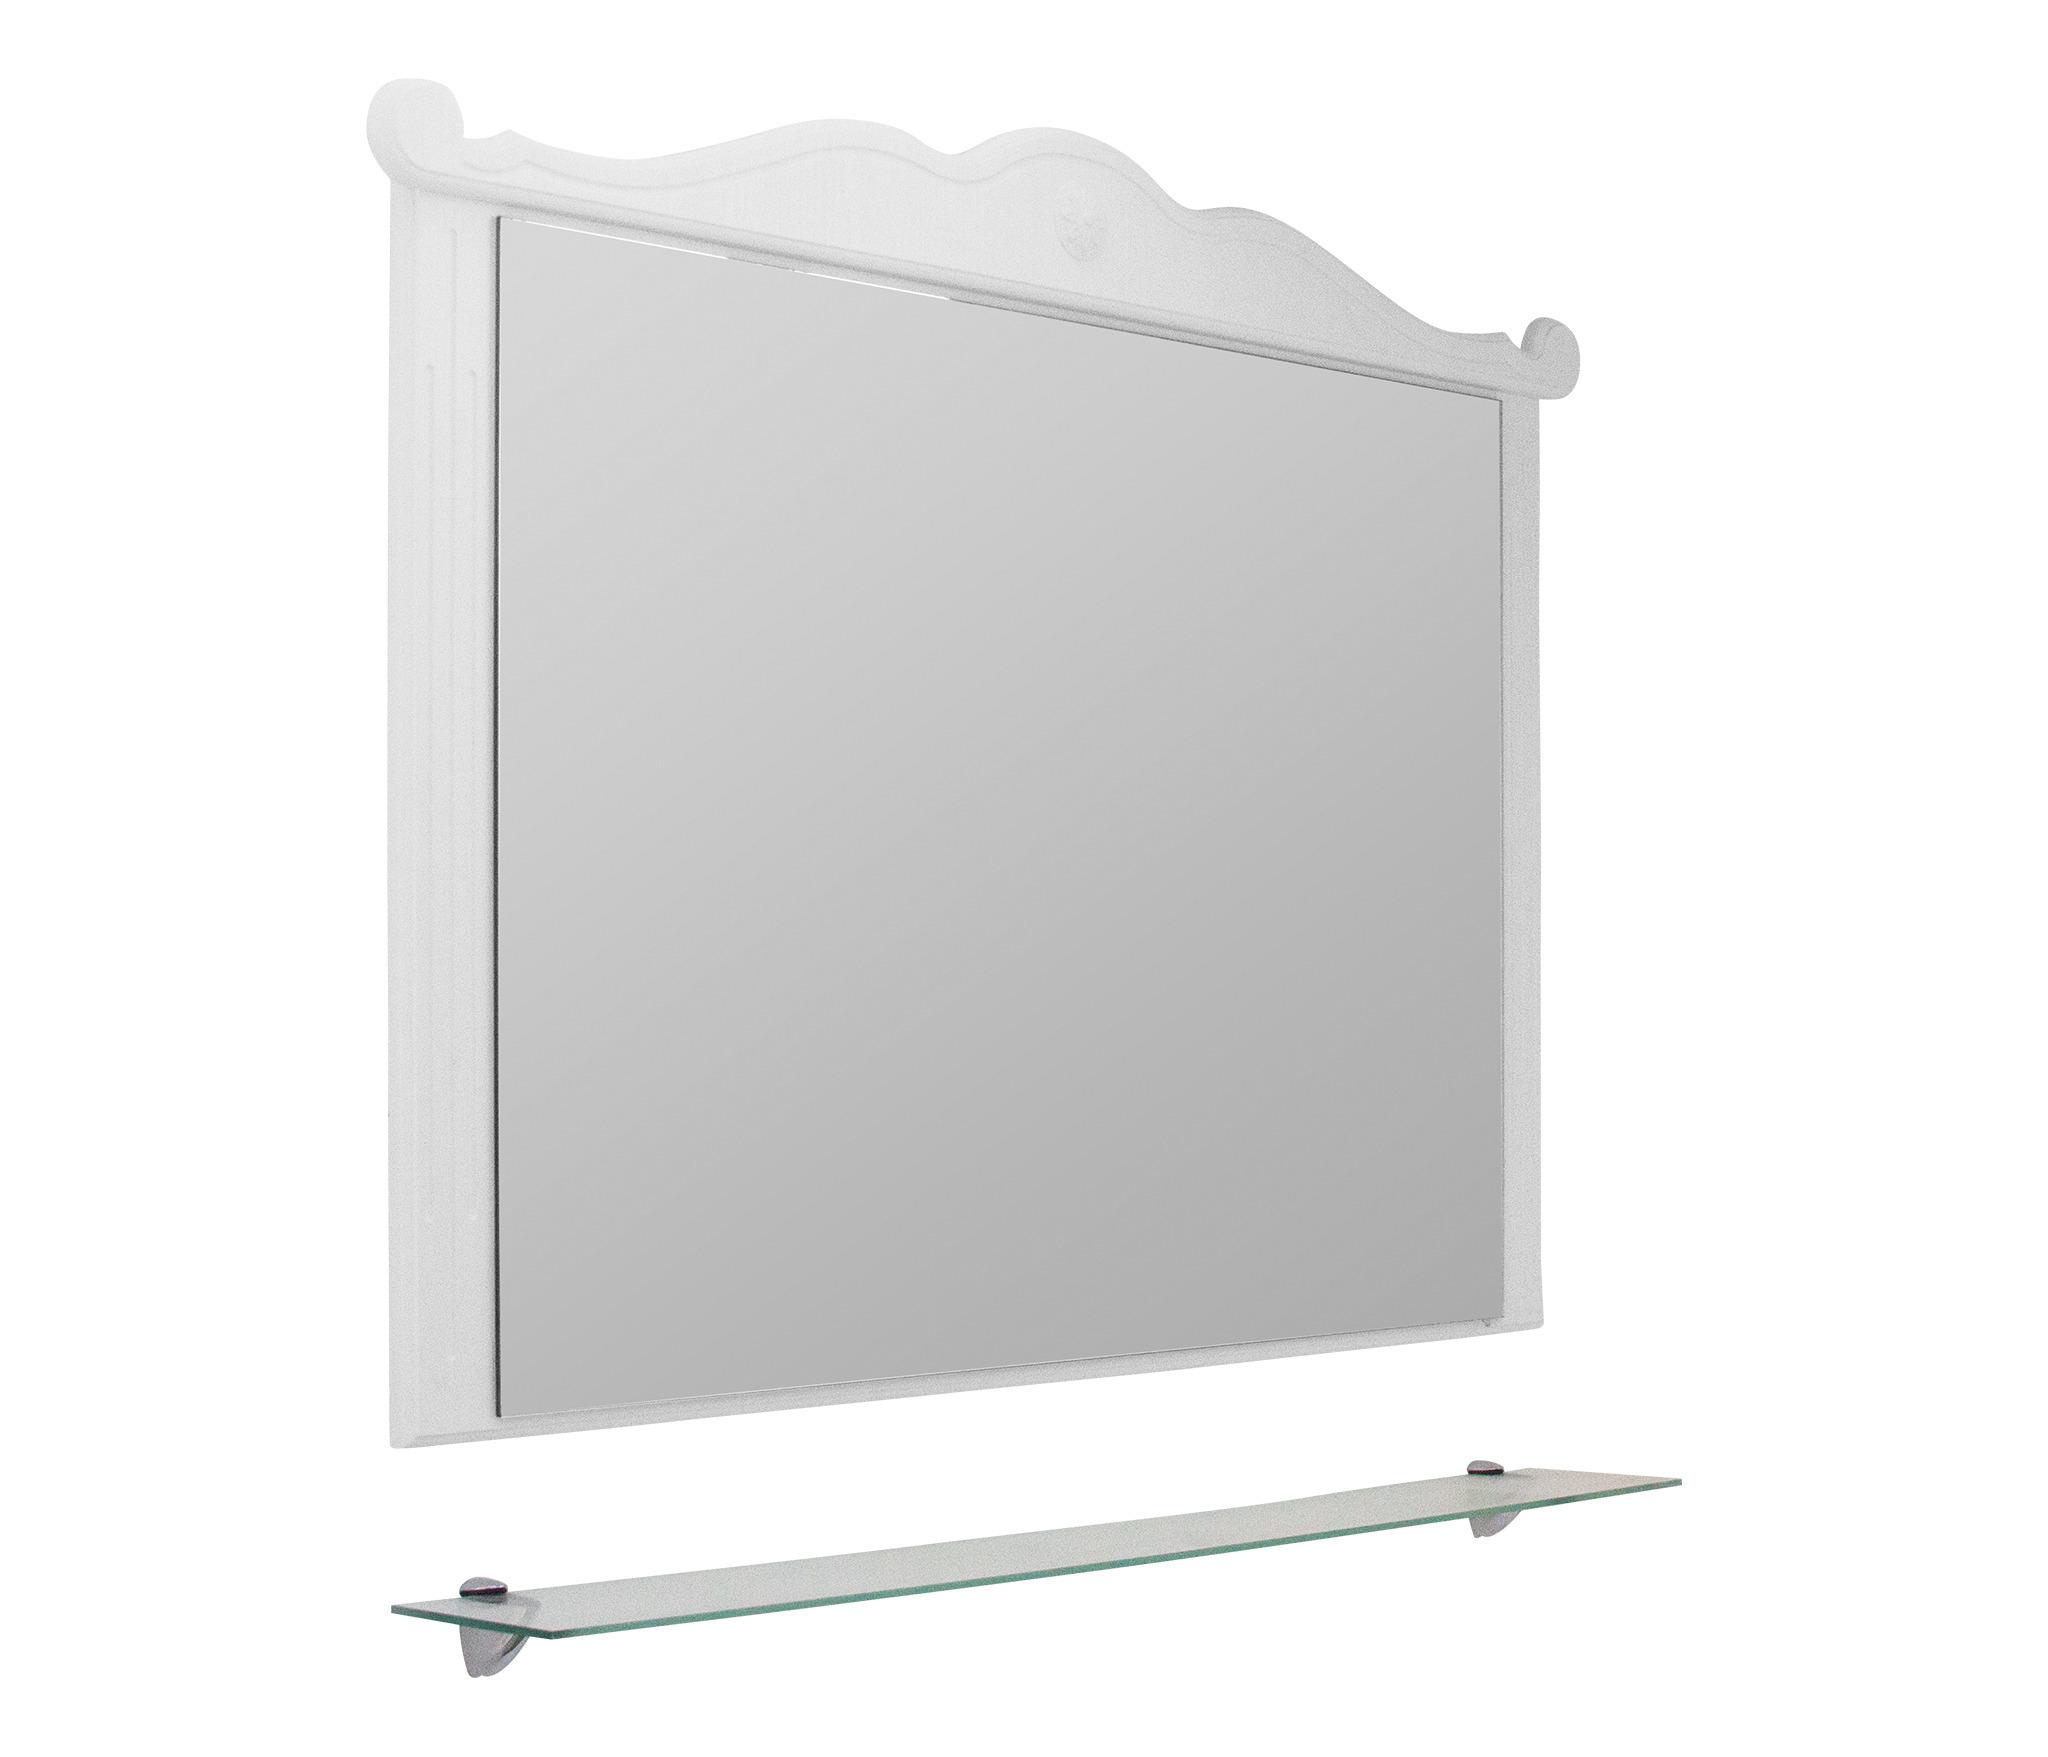 Зеркало ПРОВАНС-80 белый ясень, без подсветки (ПВХ) недорого